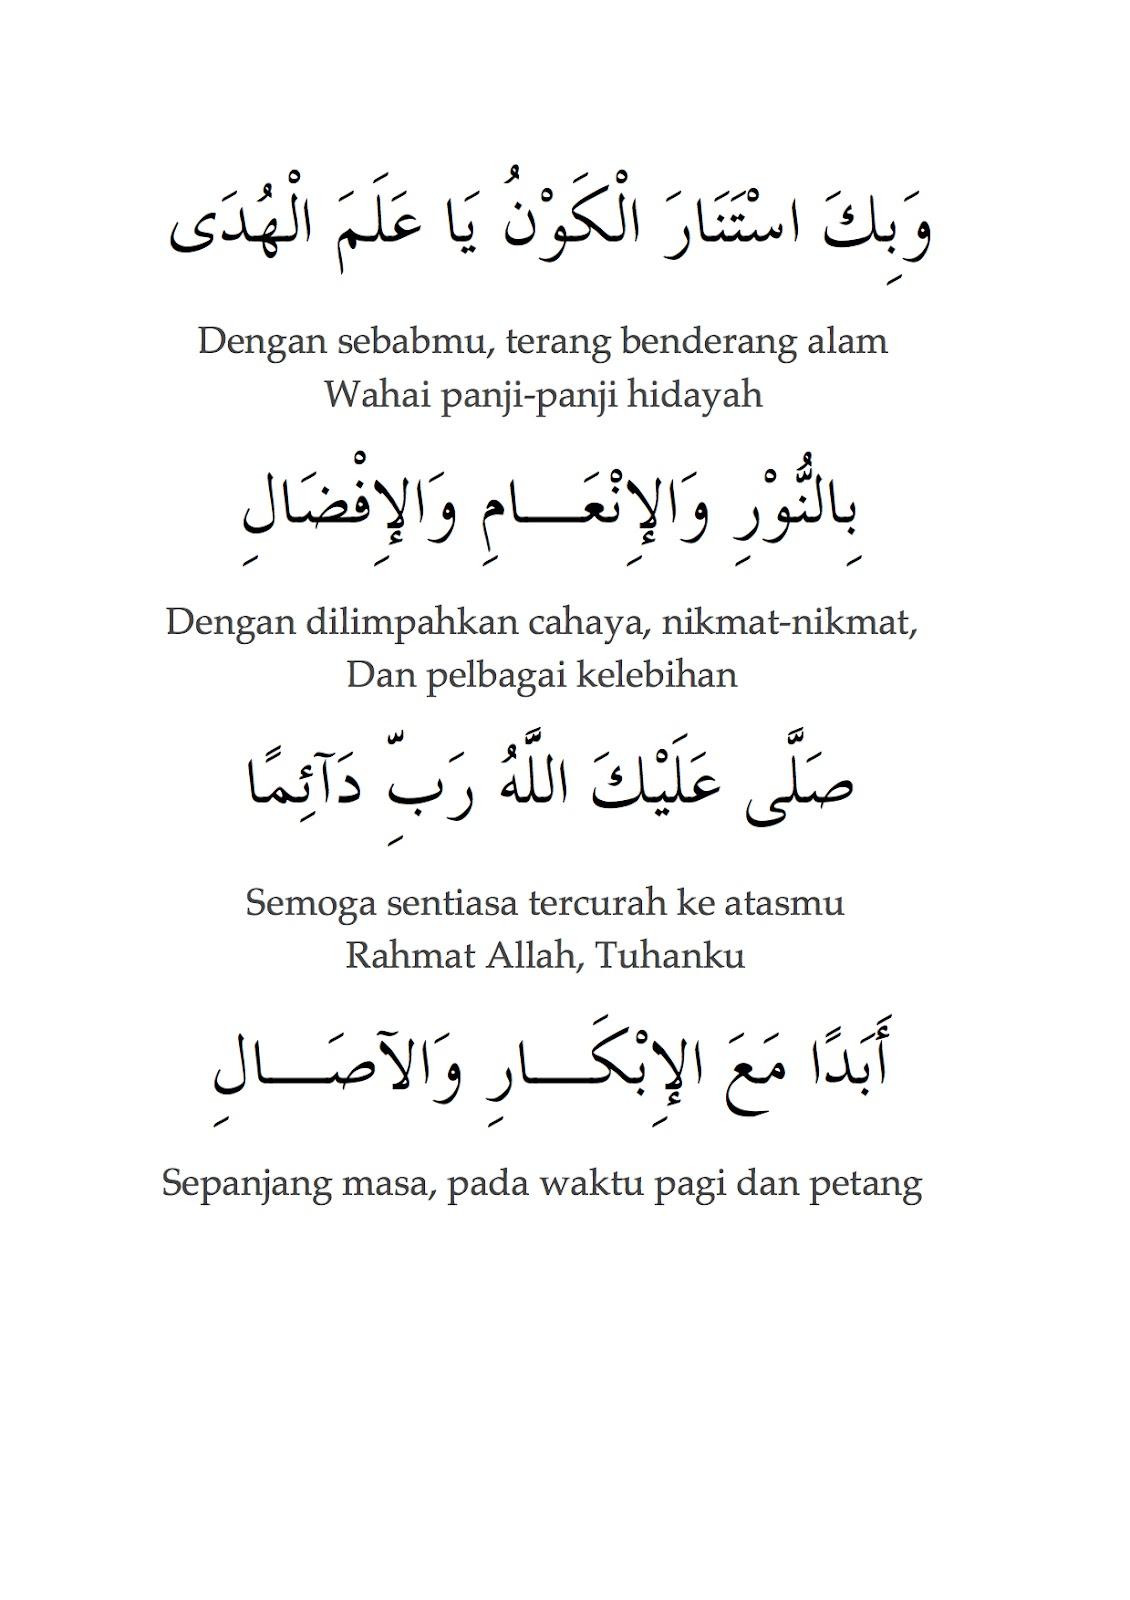 Lirik Ya Badrotim : lirik, badrotim, Senarai, Lirik, Qasidah:, September